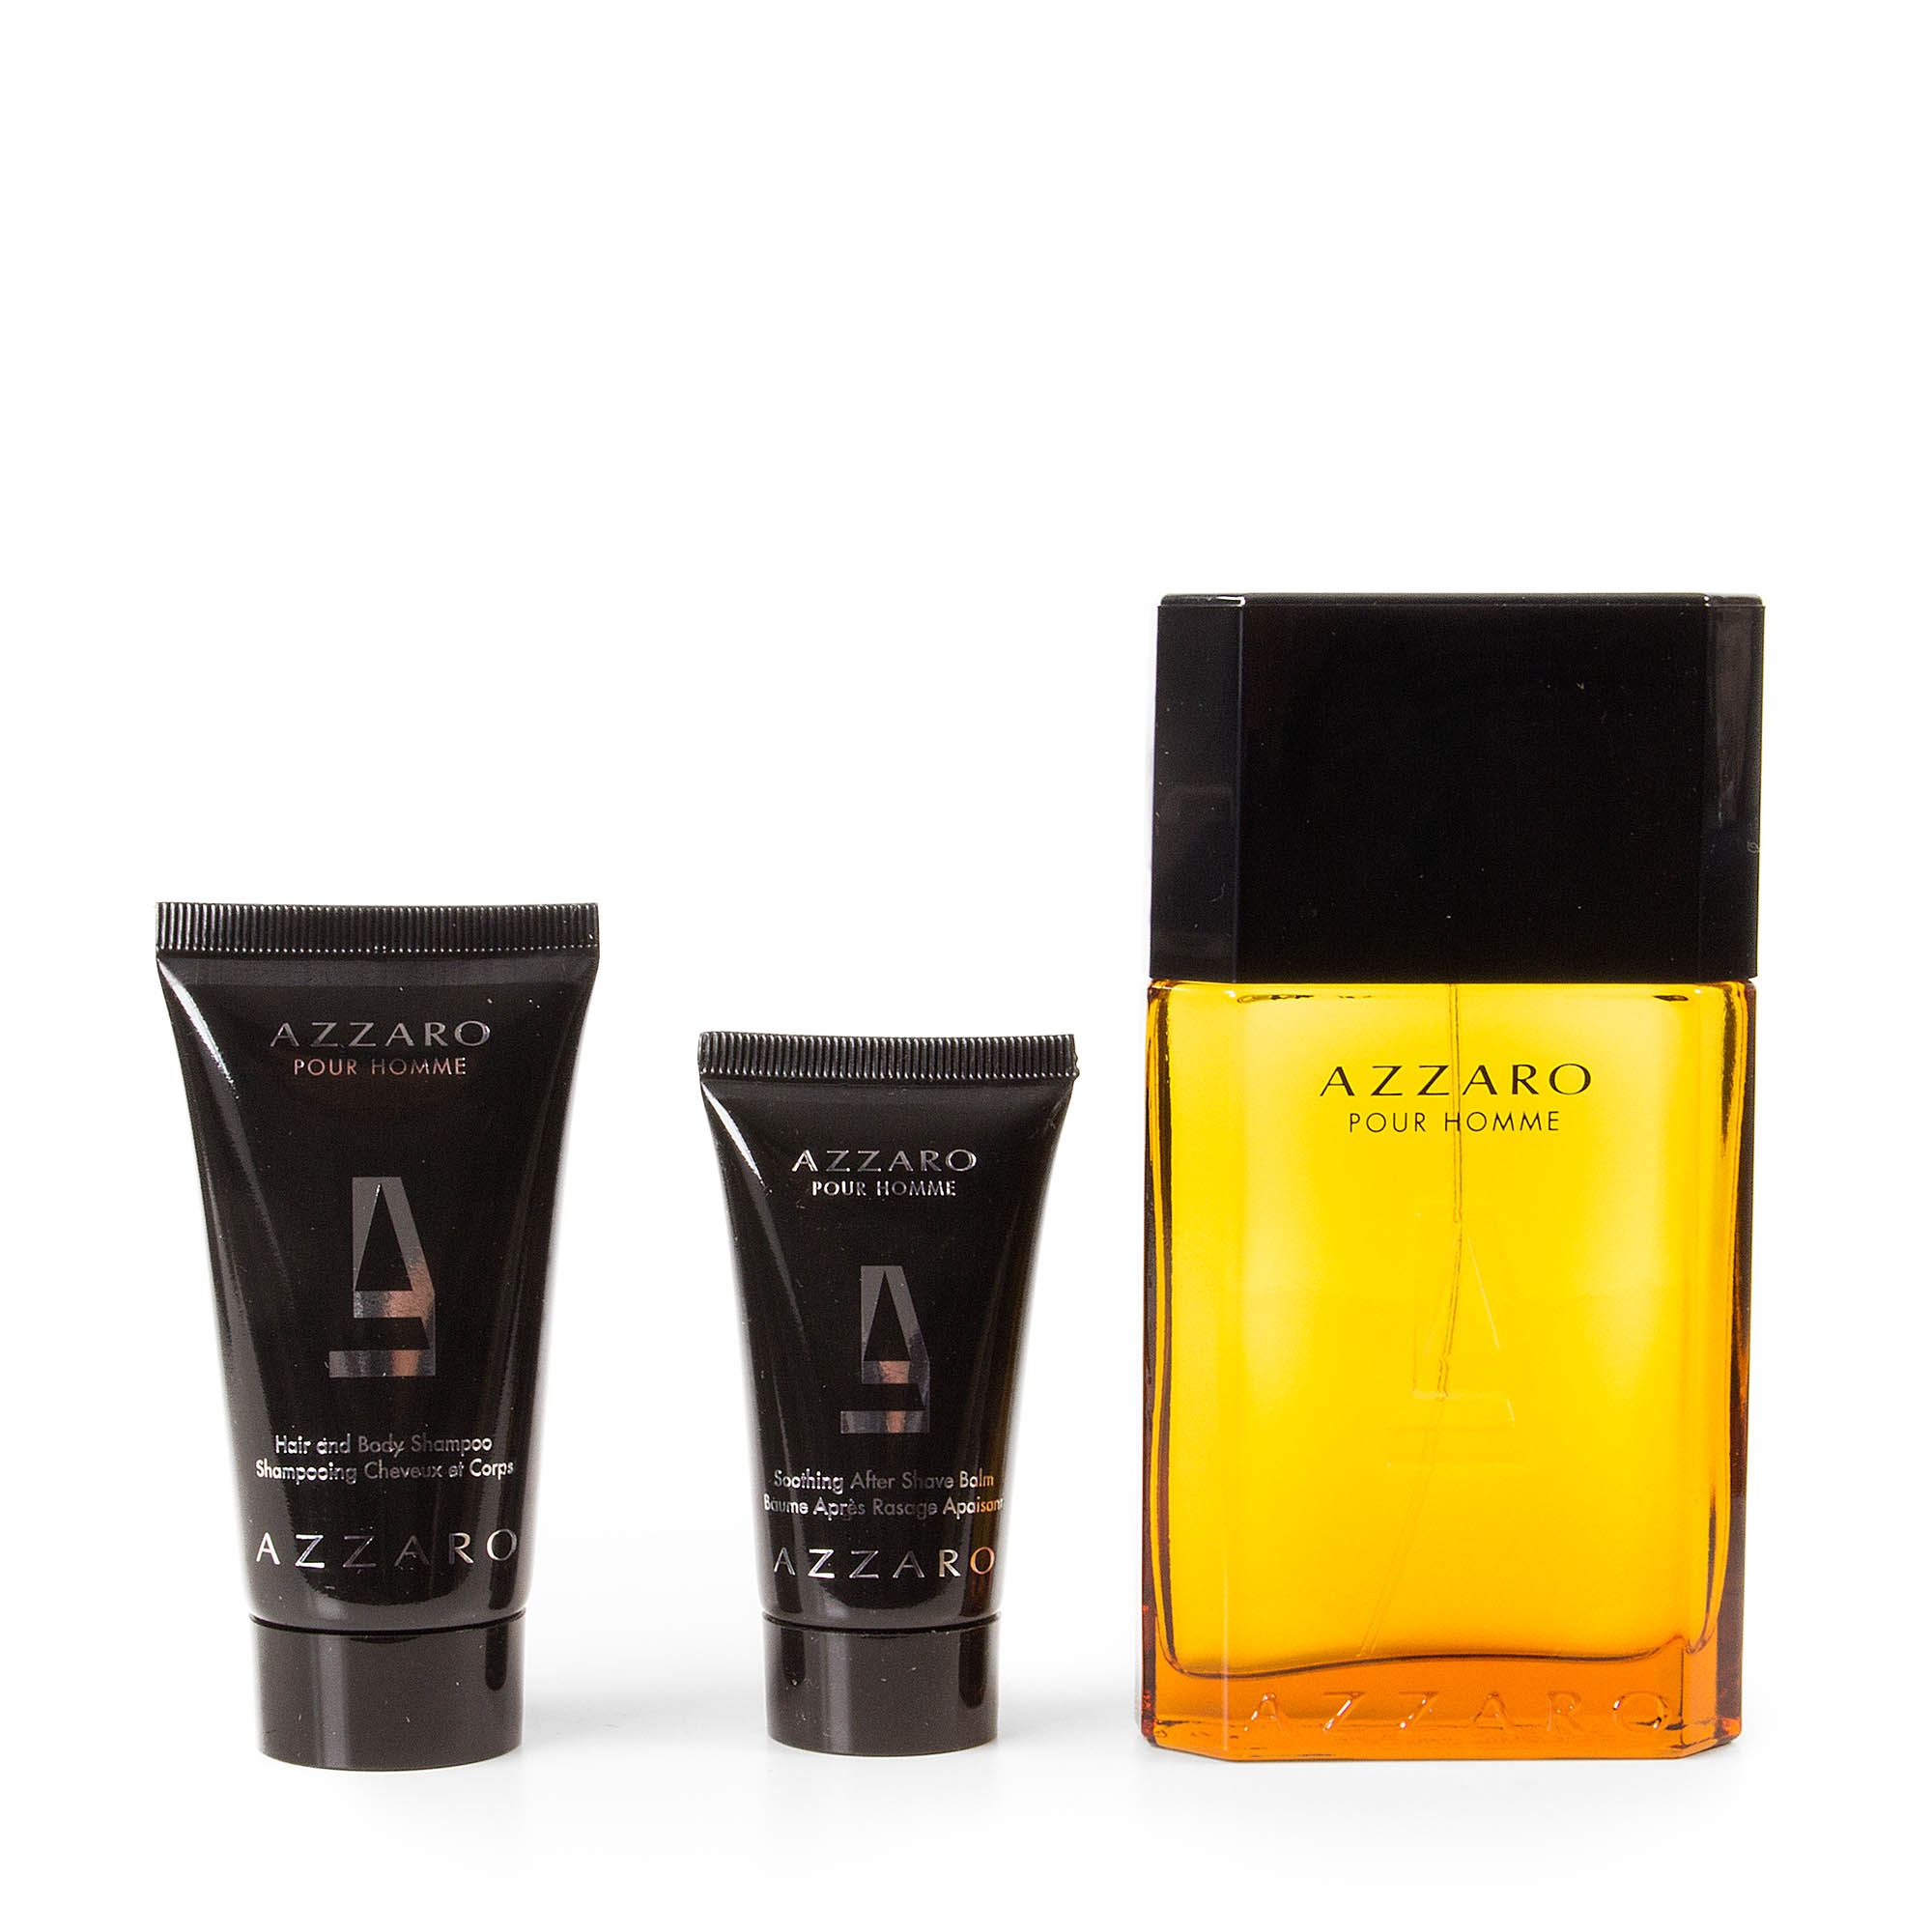 Shampoing De 30ml 50ml Coffret Parfum Azzaro Eau Toilette Rasage Homme 100mlamp; Après lK1JTFc